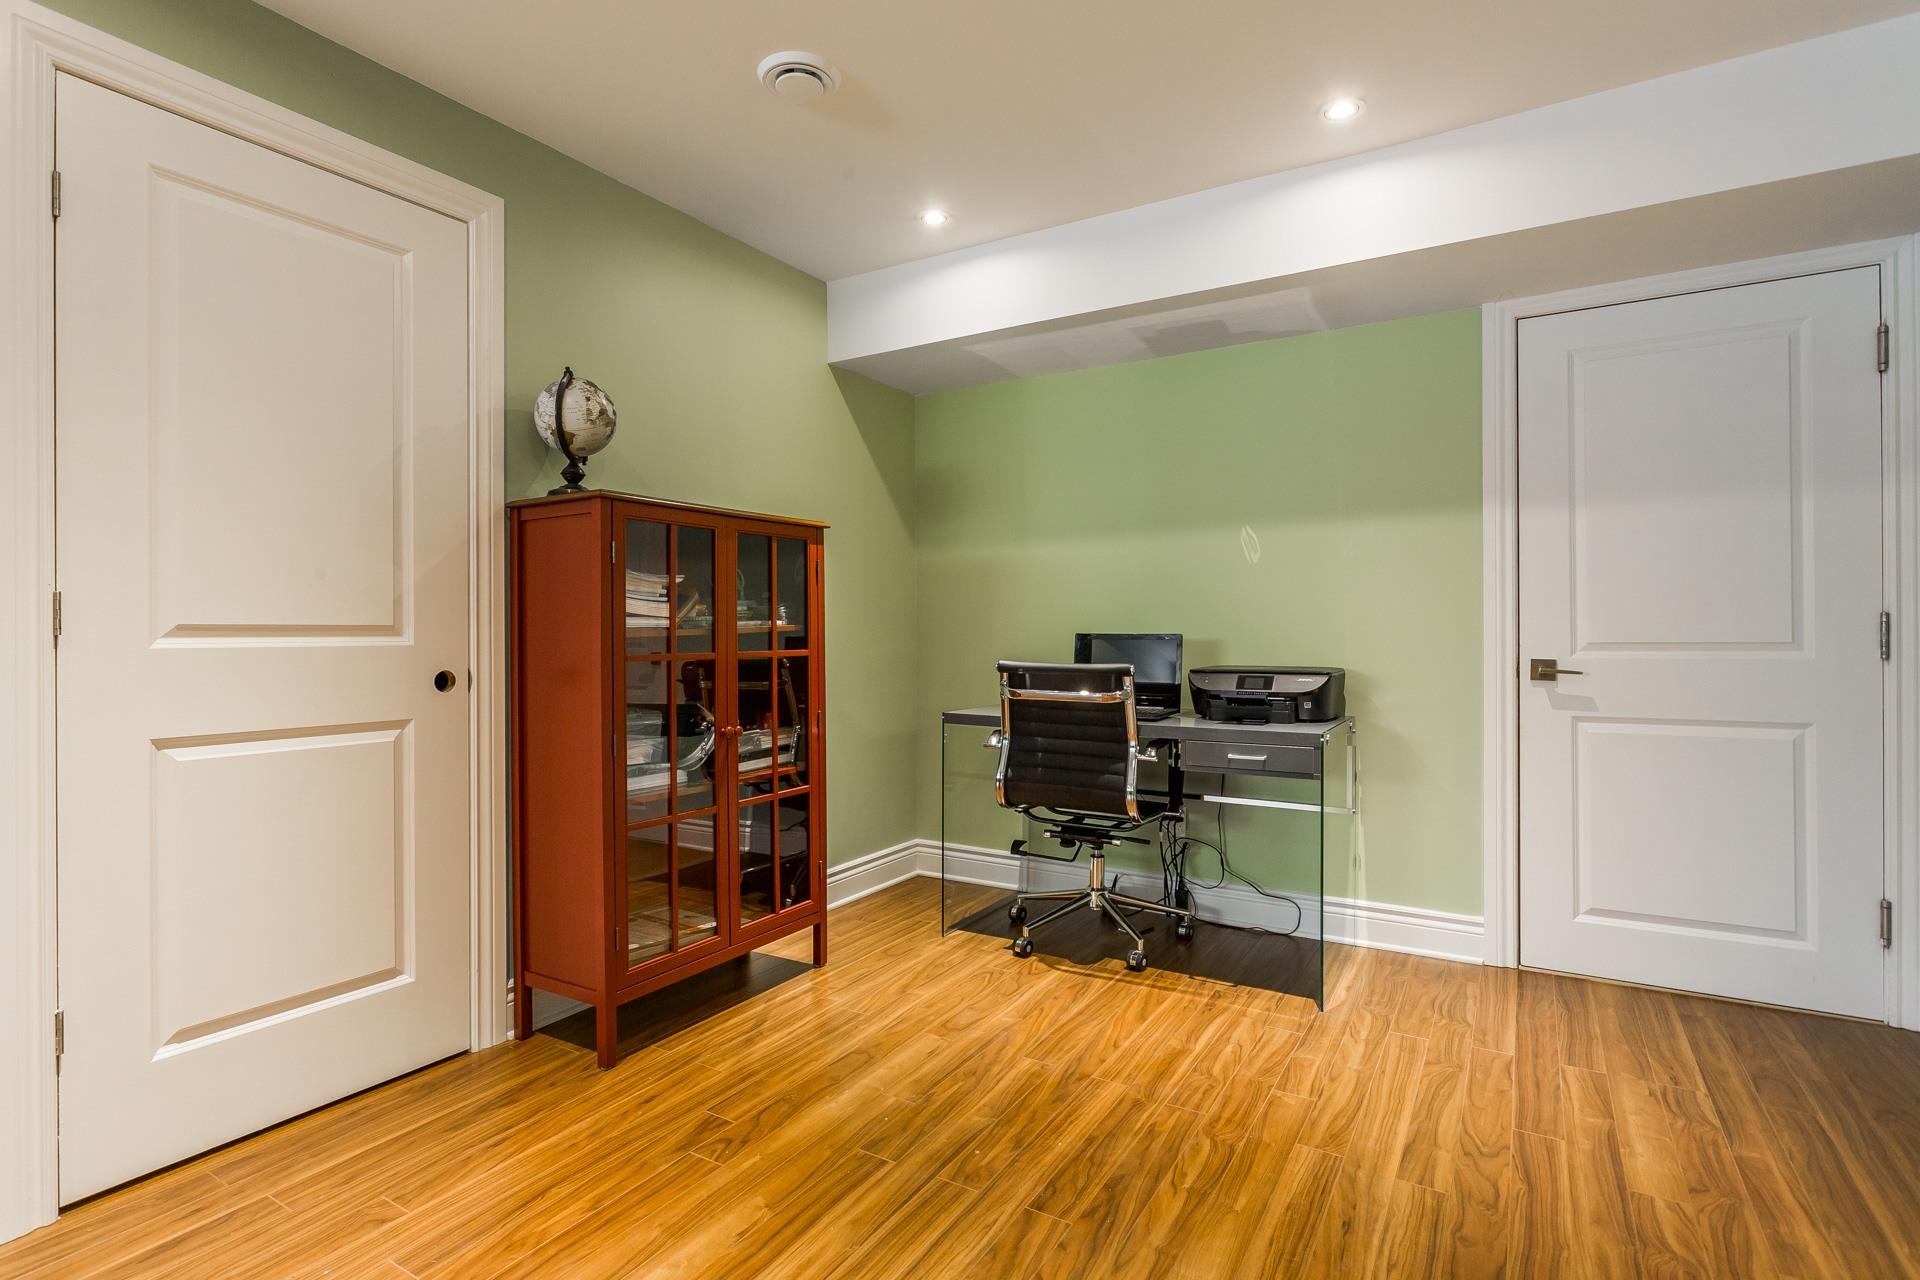 image 32 - Maison À vendre Laval Duvernay - 1 pièce